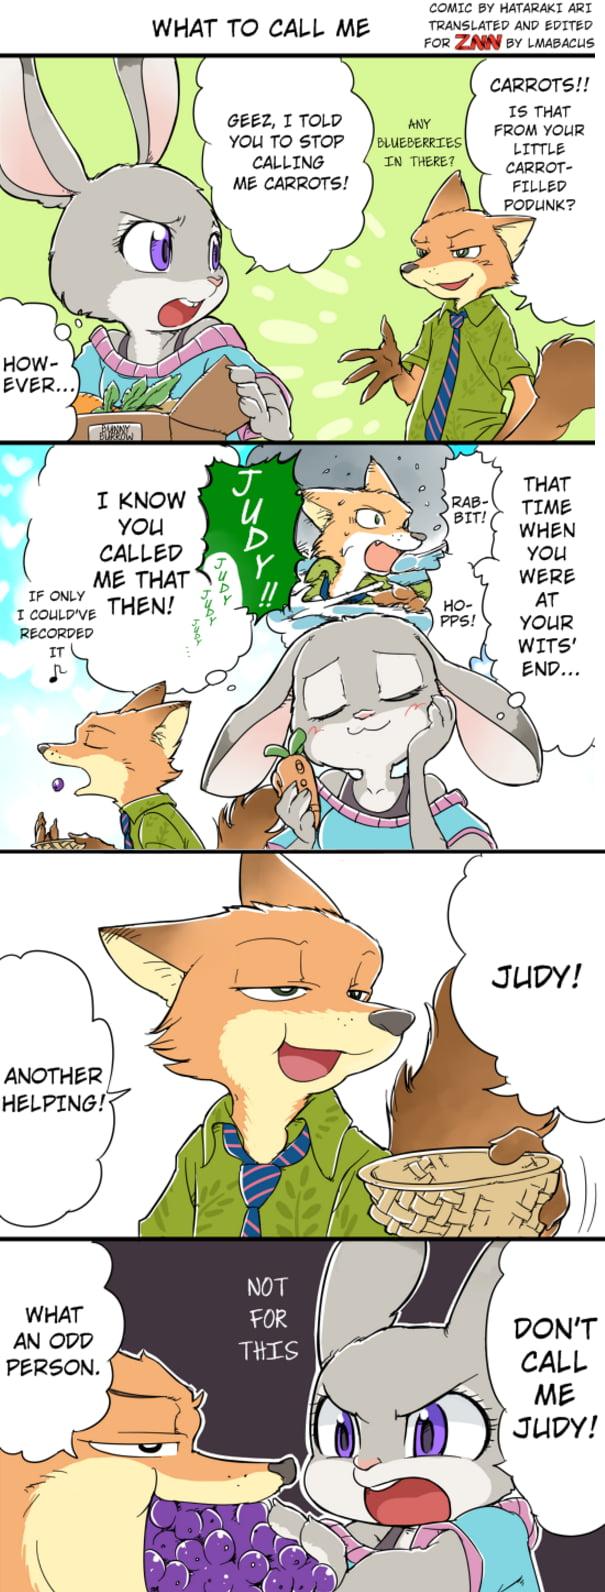 Zootopia: What to call me... (Carrots or Judy) Artist: Hataraki Ari